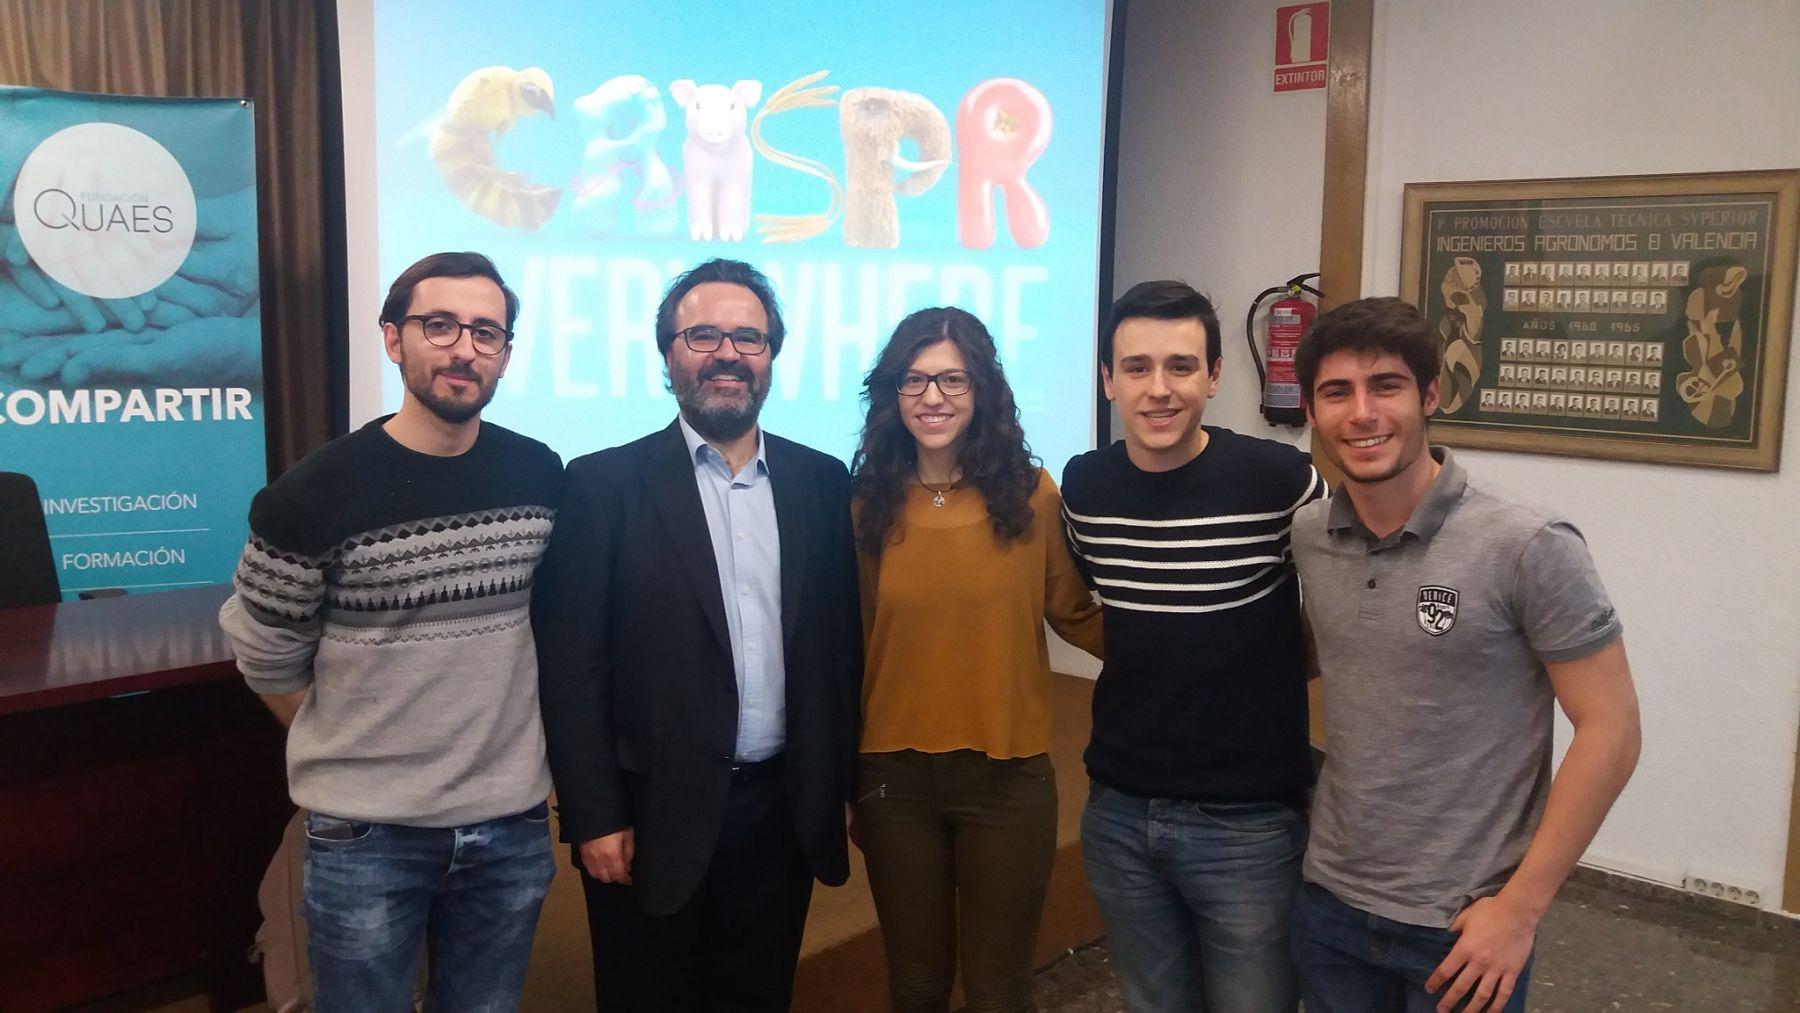 Eñl Dr. Lluis Montoliu con los chavales del Hype IT que ganaron un premio en el MIT